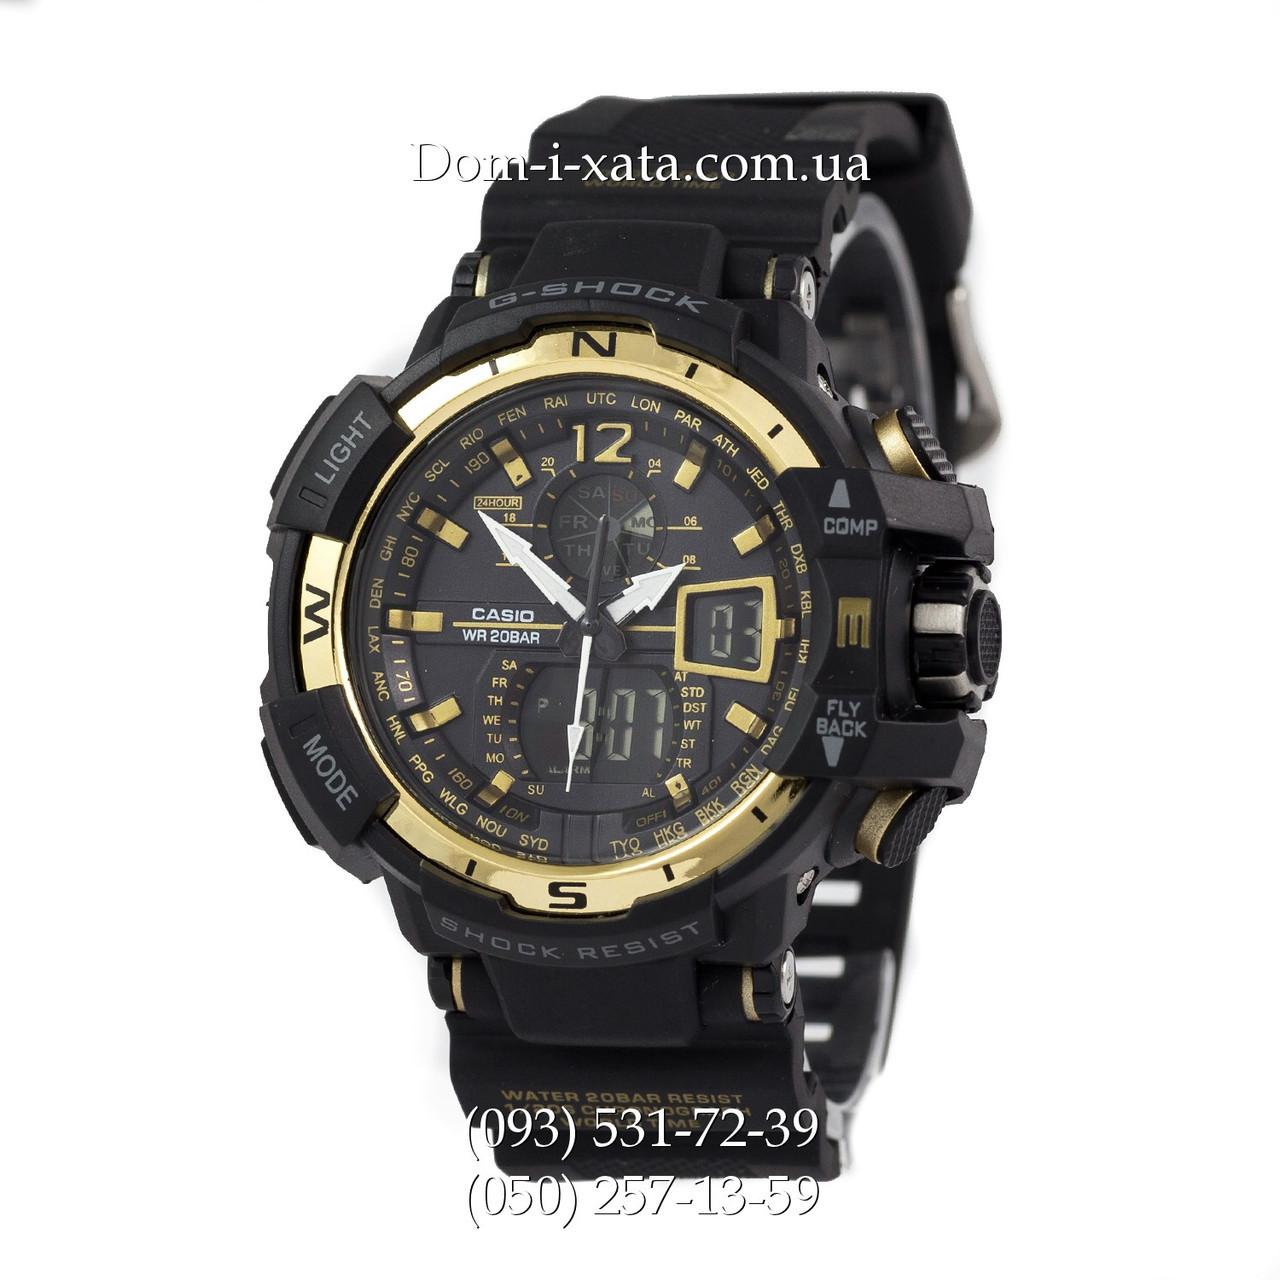 Электронные часы Casio G-Shock GW A1100 Black Gold, спортивные часы Джи Шок(черно золотистые), реплика отличное качество!